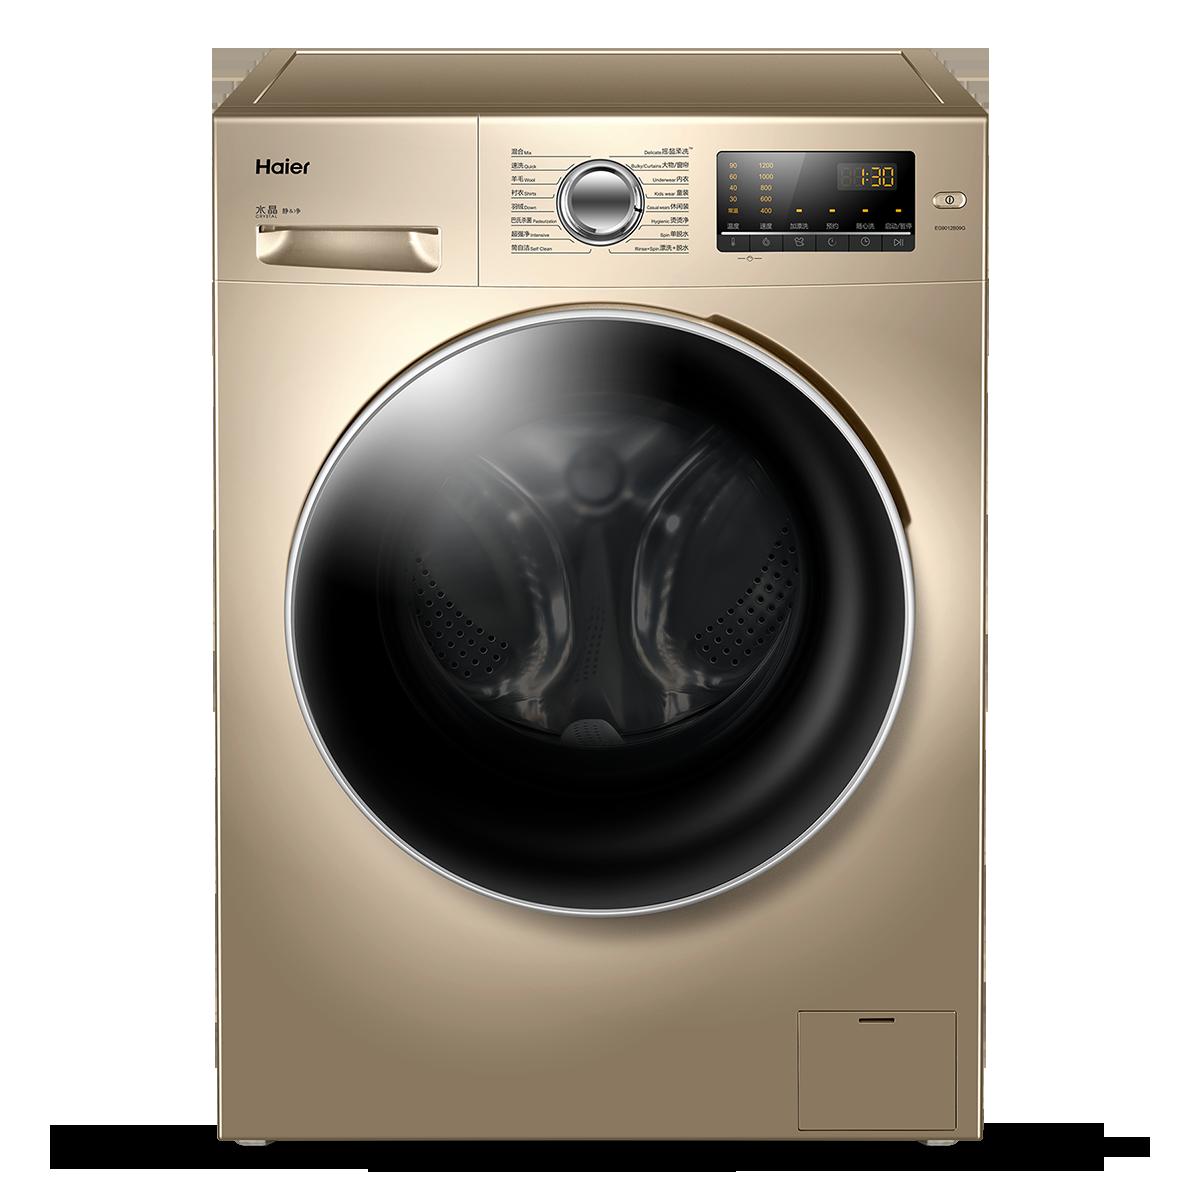 海尔Haier洗衣机 EG9012B09G 说明书